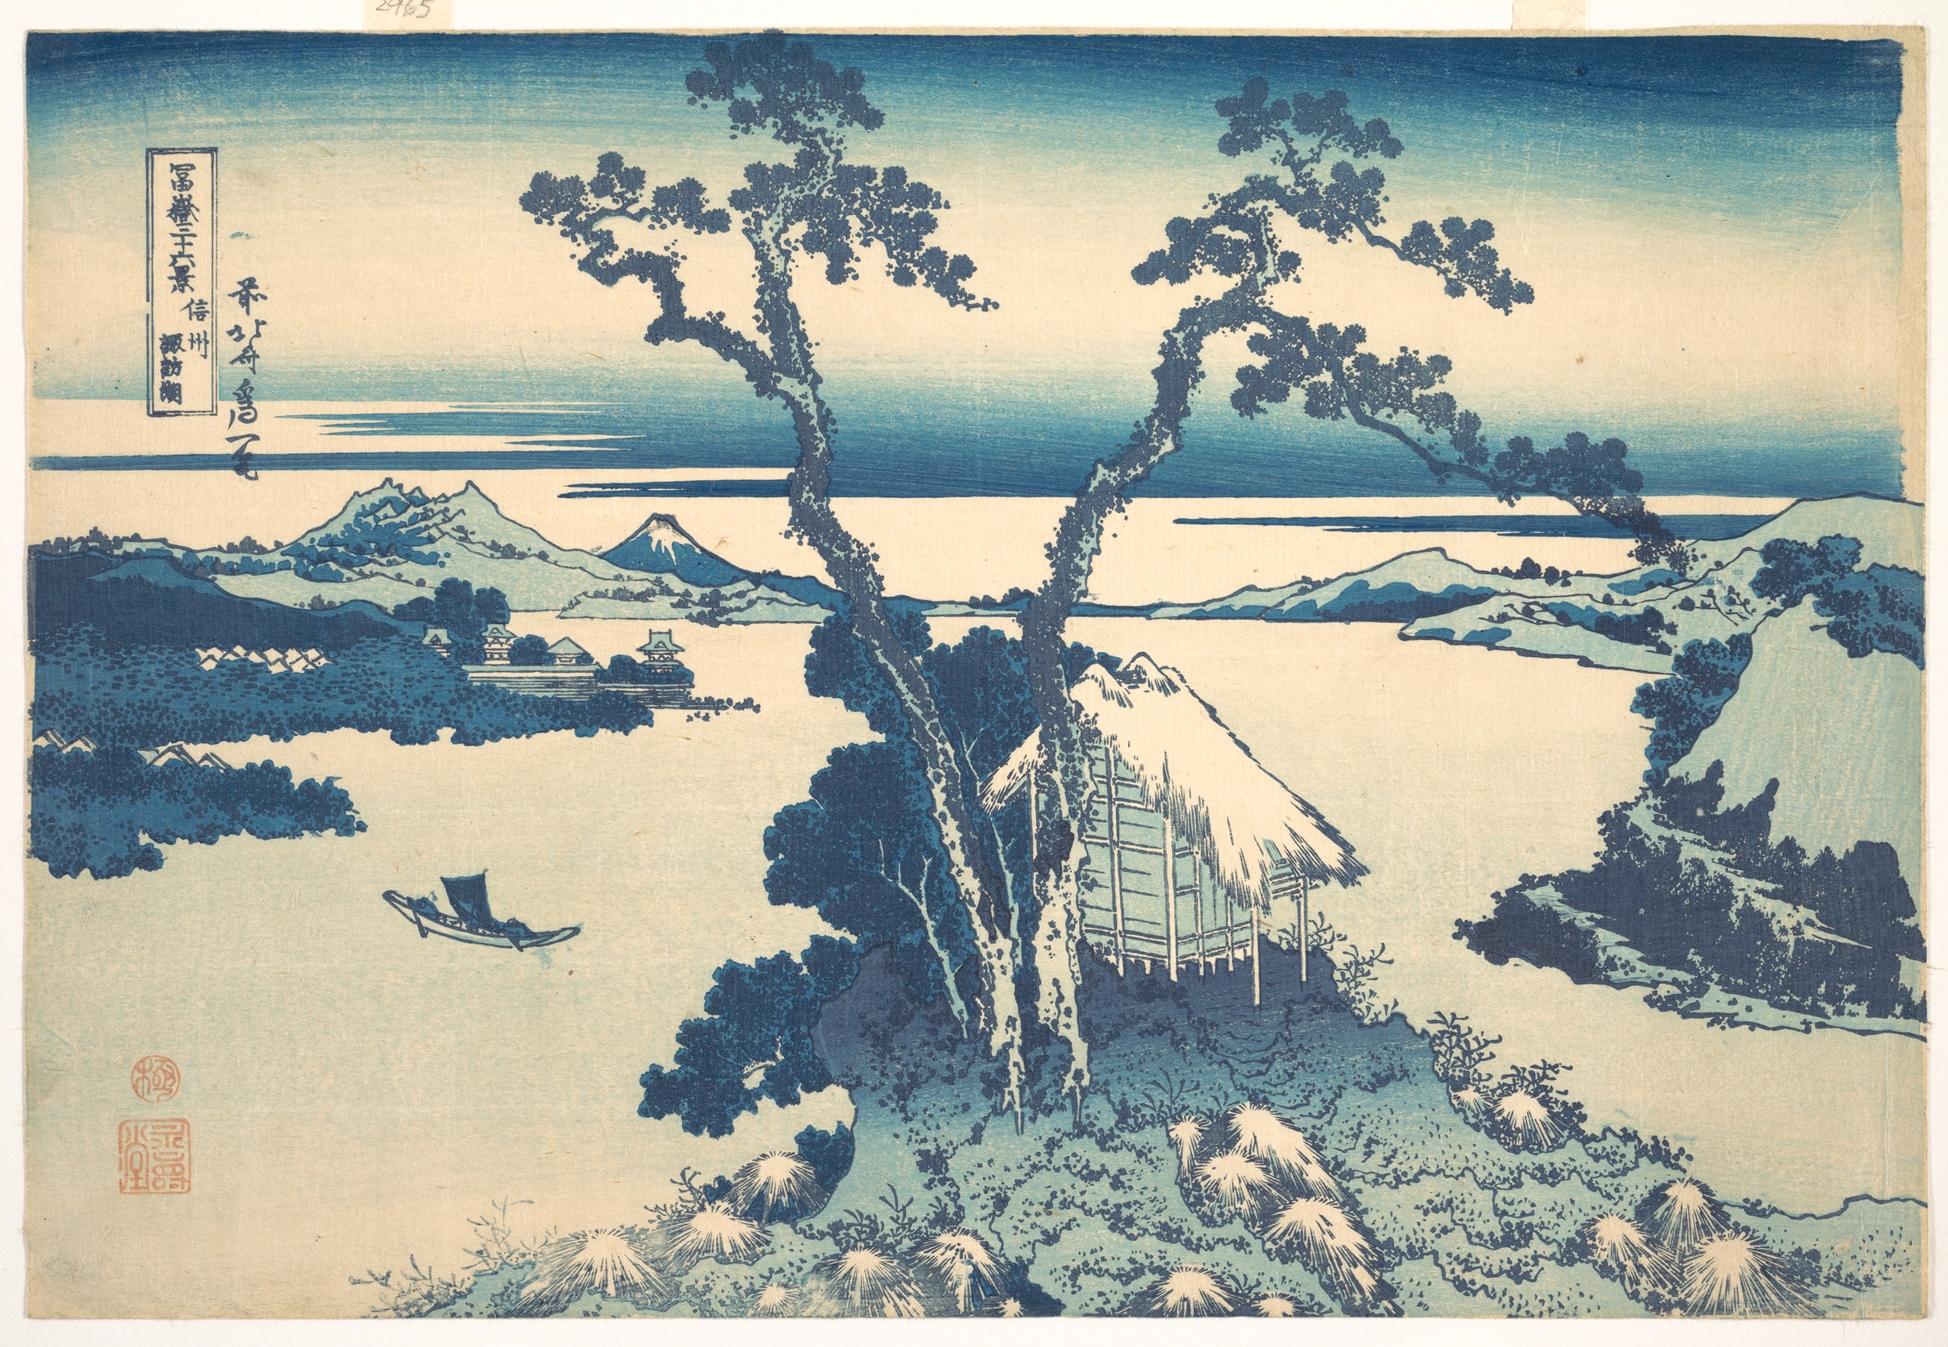 MET-DP141058「冨嶽三十六景」 「信州諏訪湖」・・『』